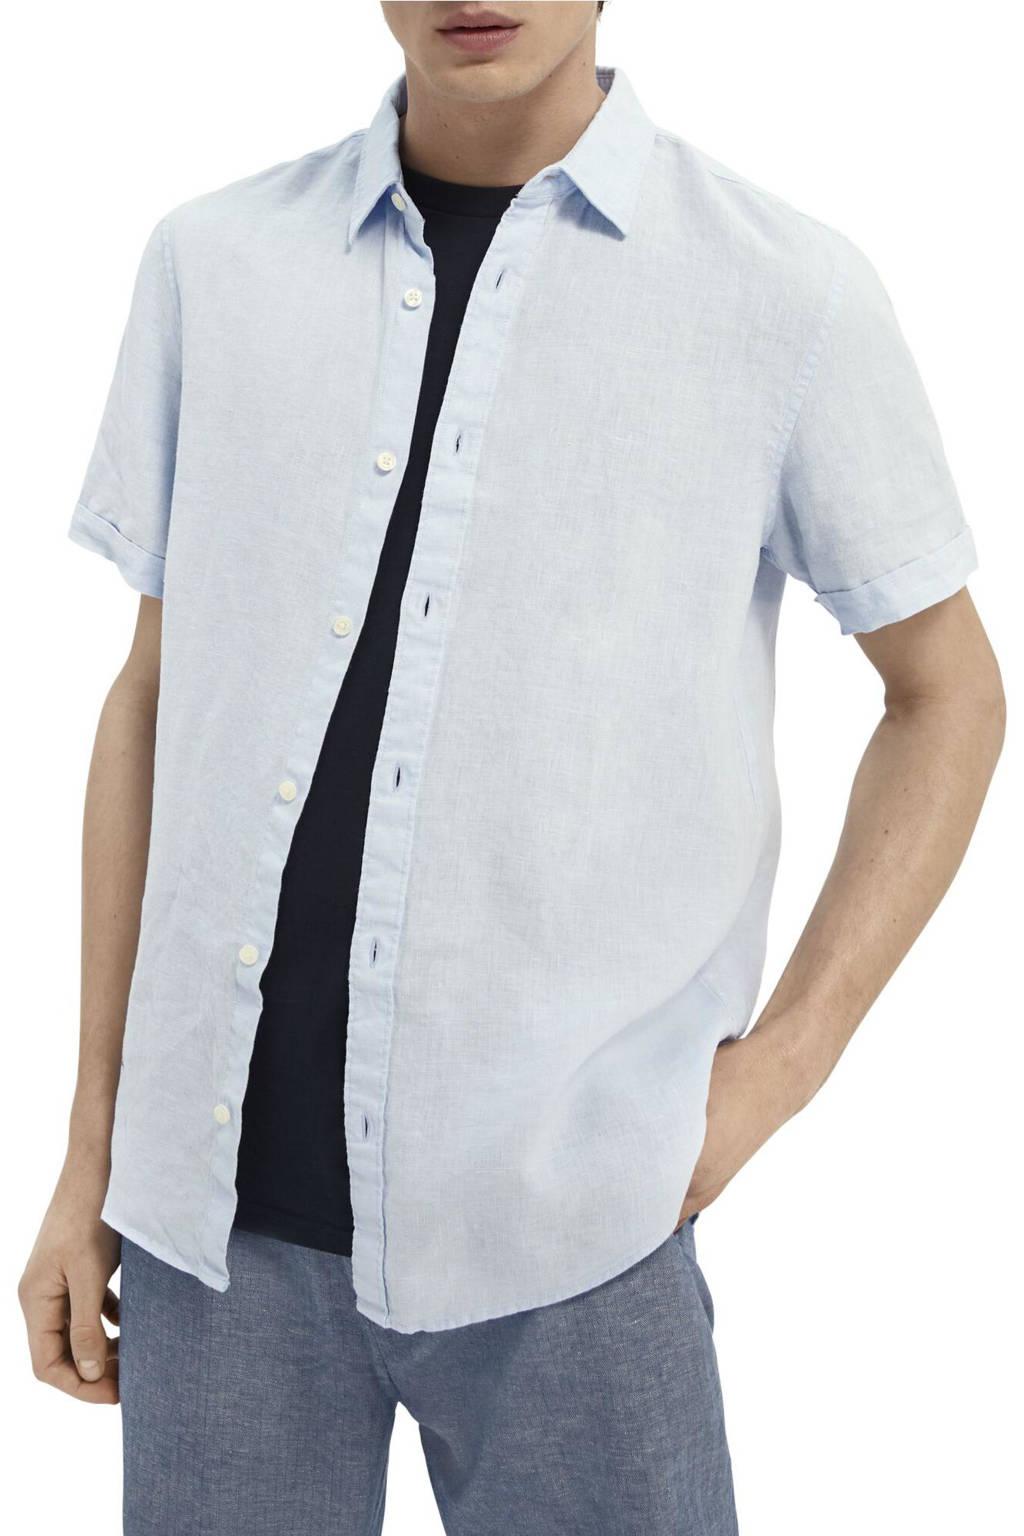 Scotch & Soda regular fit overhemd lichtblauw, Lichtblauw